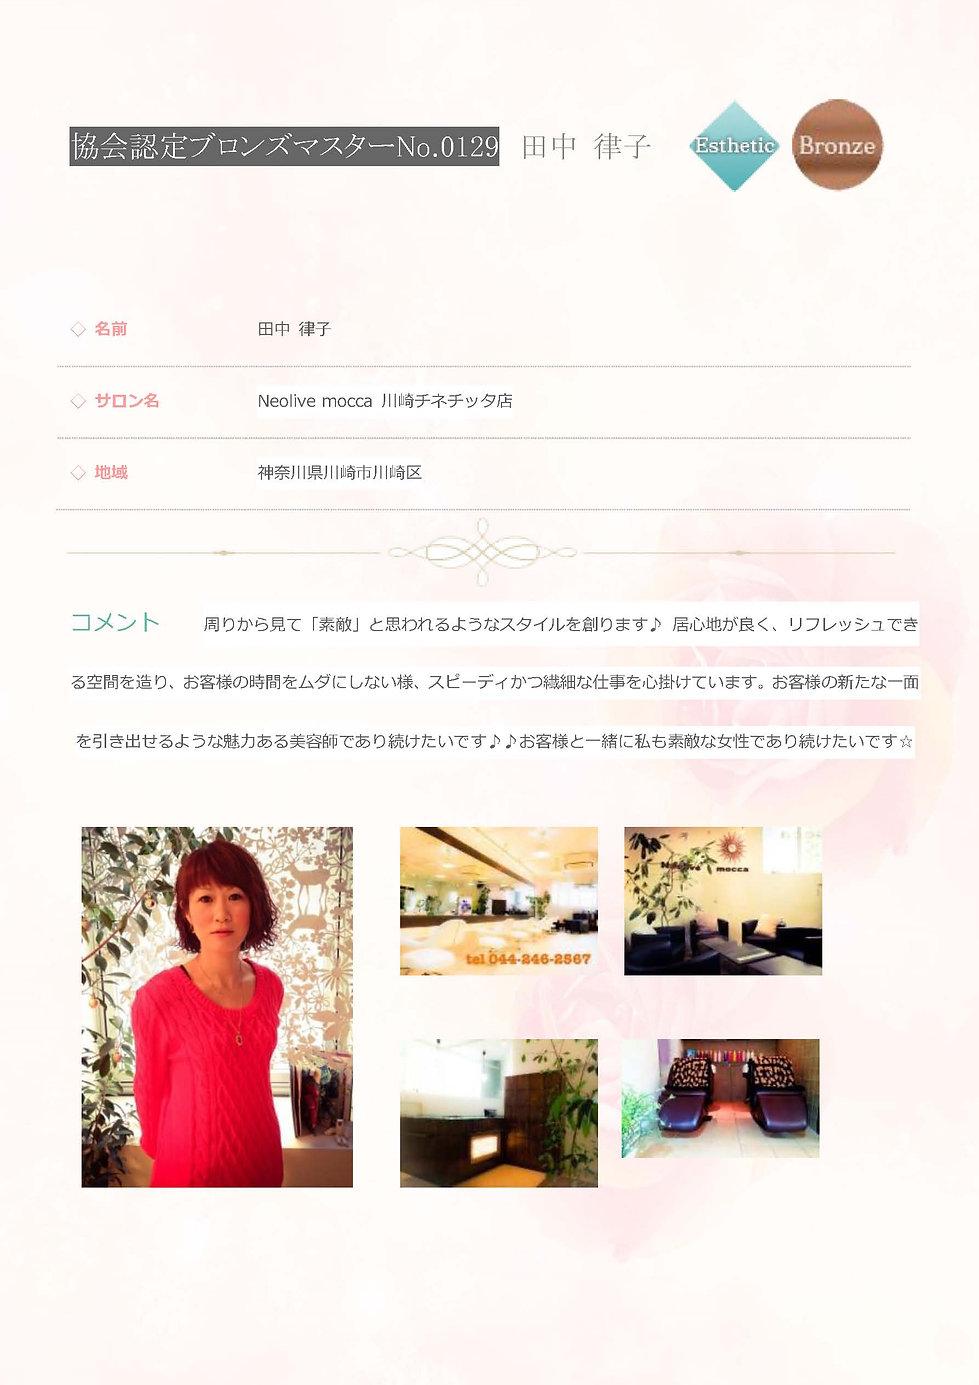 協会認定 ブロンズマスター No0129 田中 律子